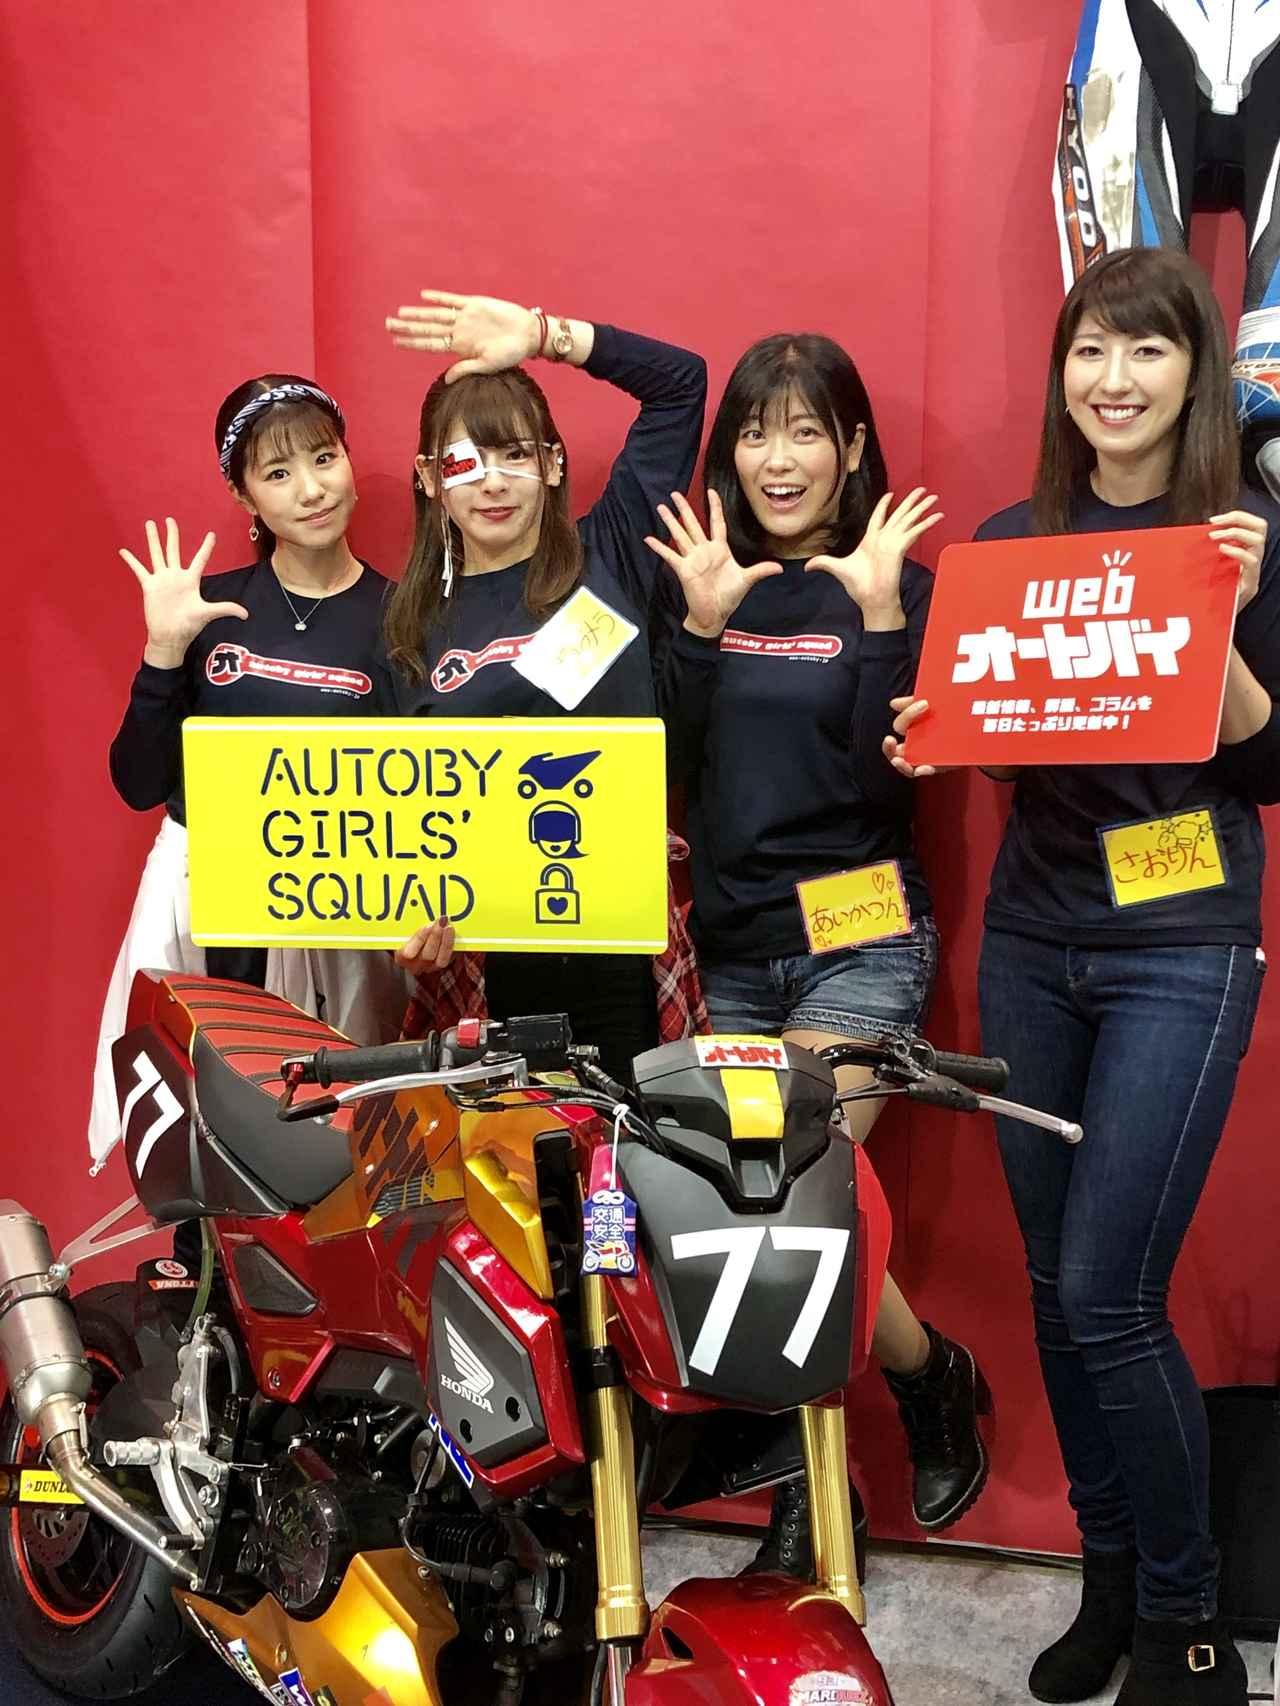 画像: 今回はオートバイ女子部がレースで乗っているグロムを撮影ブースに展示!(左から梅本まどかさん、葉月美優さん、国友愛佳さん、大関さおりさん)